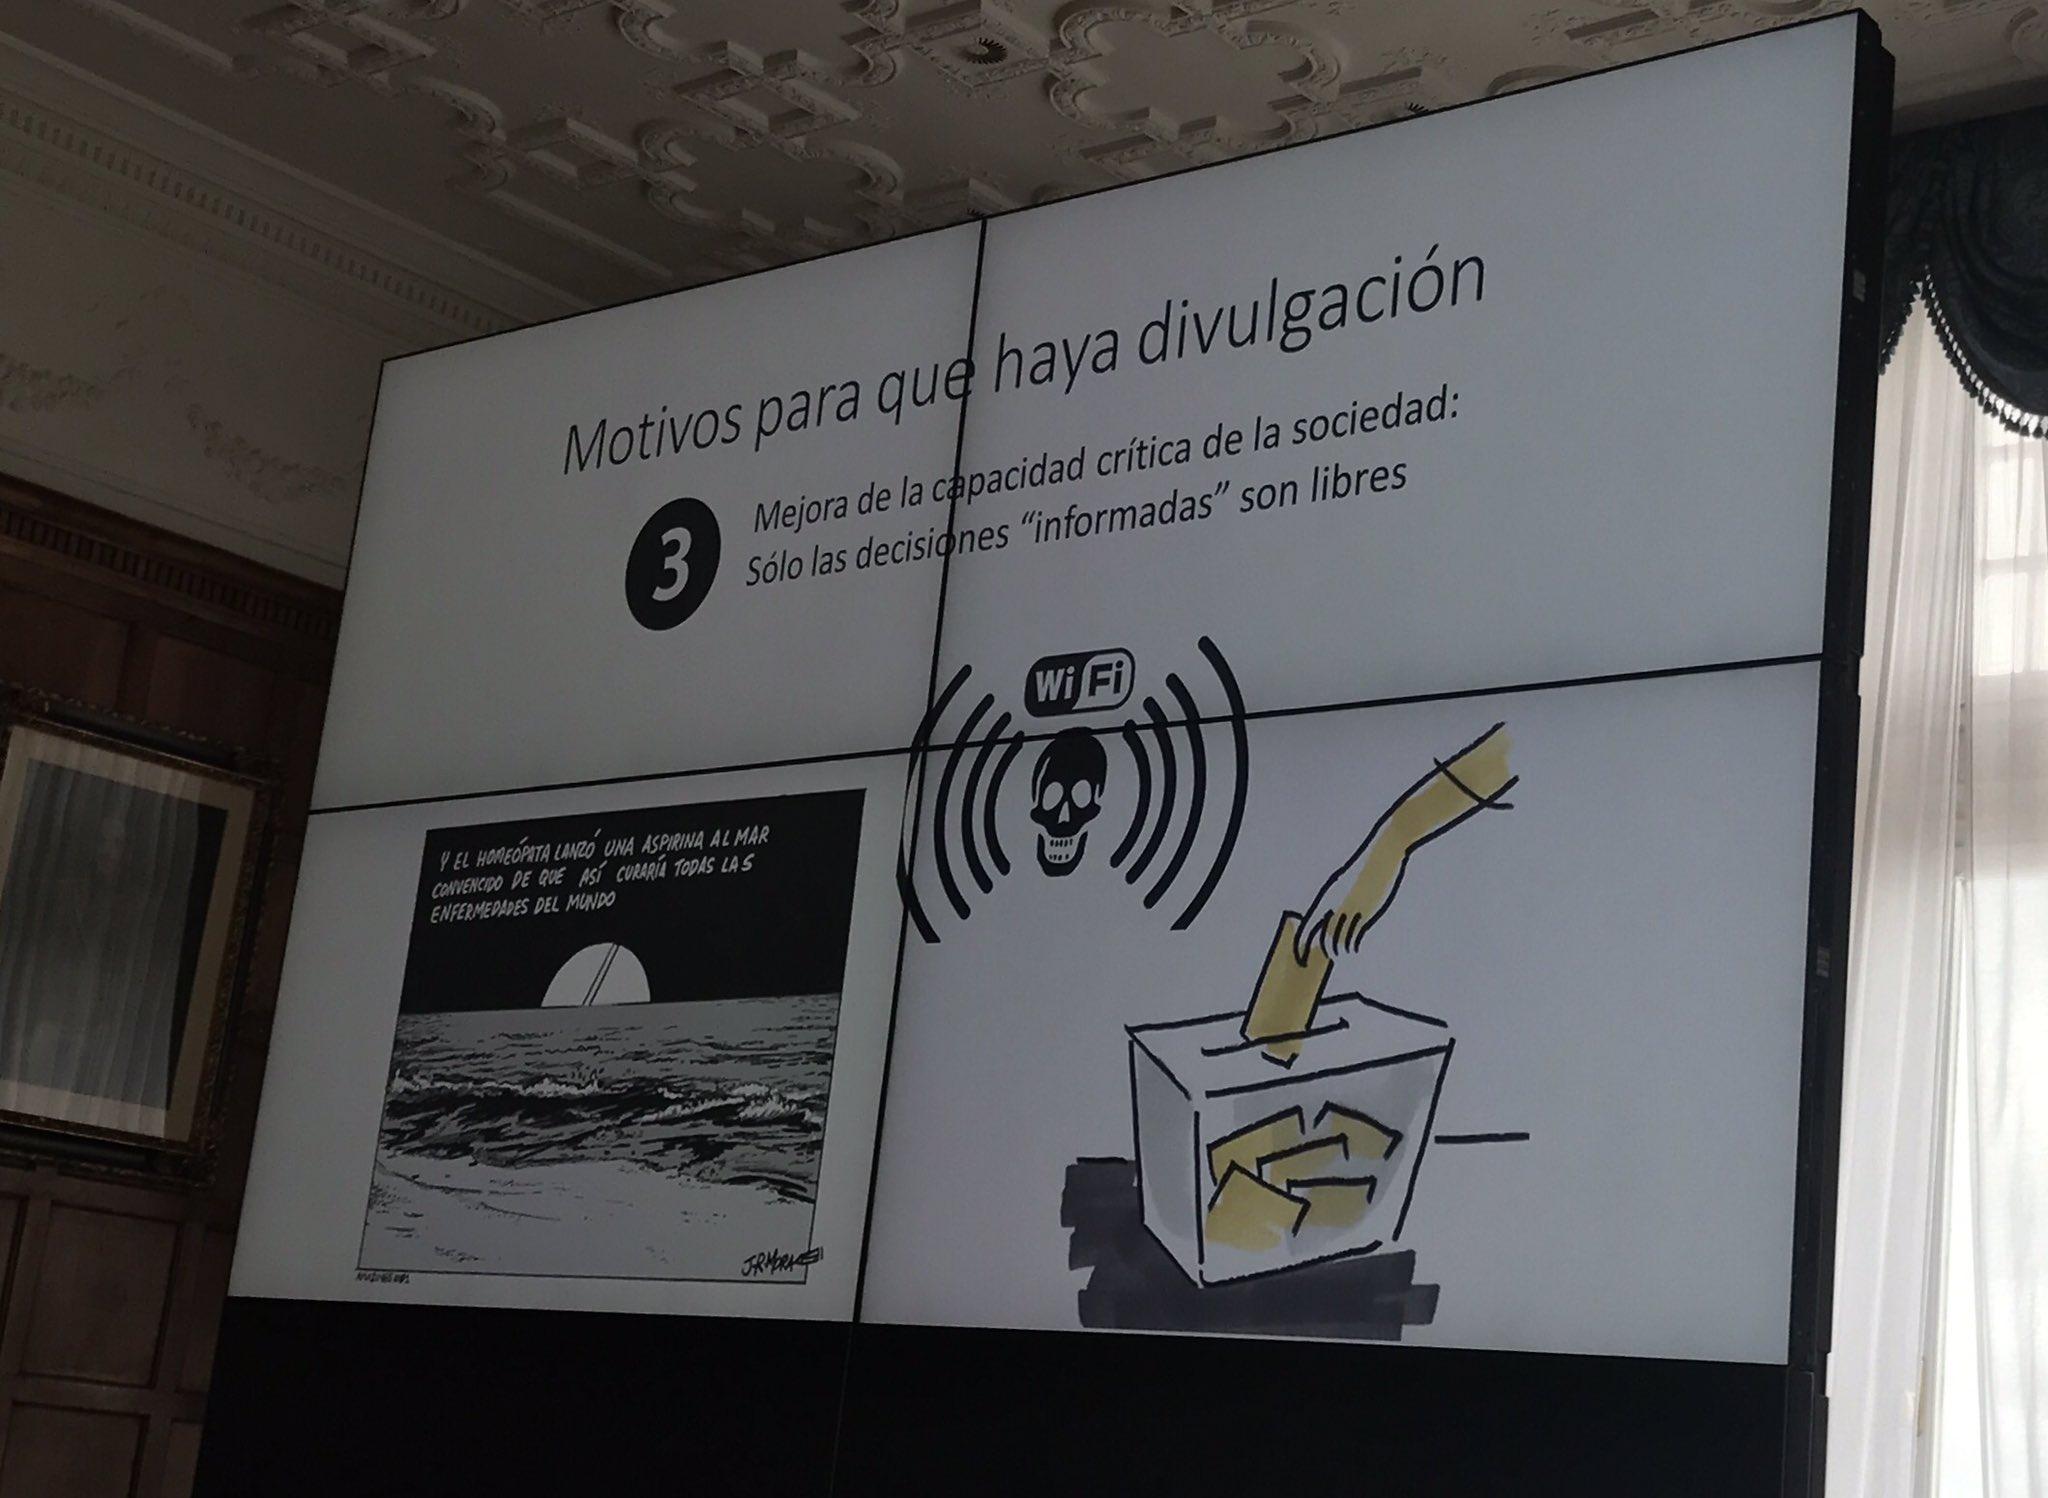 Por derechos humanos, por responsabilidad social, por calidad democrática hay que divulgar la ciencia @Joaquin_Sevilla  #UIMPDivulgaCiencia https://t.co/1JQ8BPqOgb